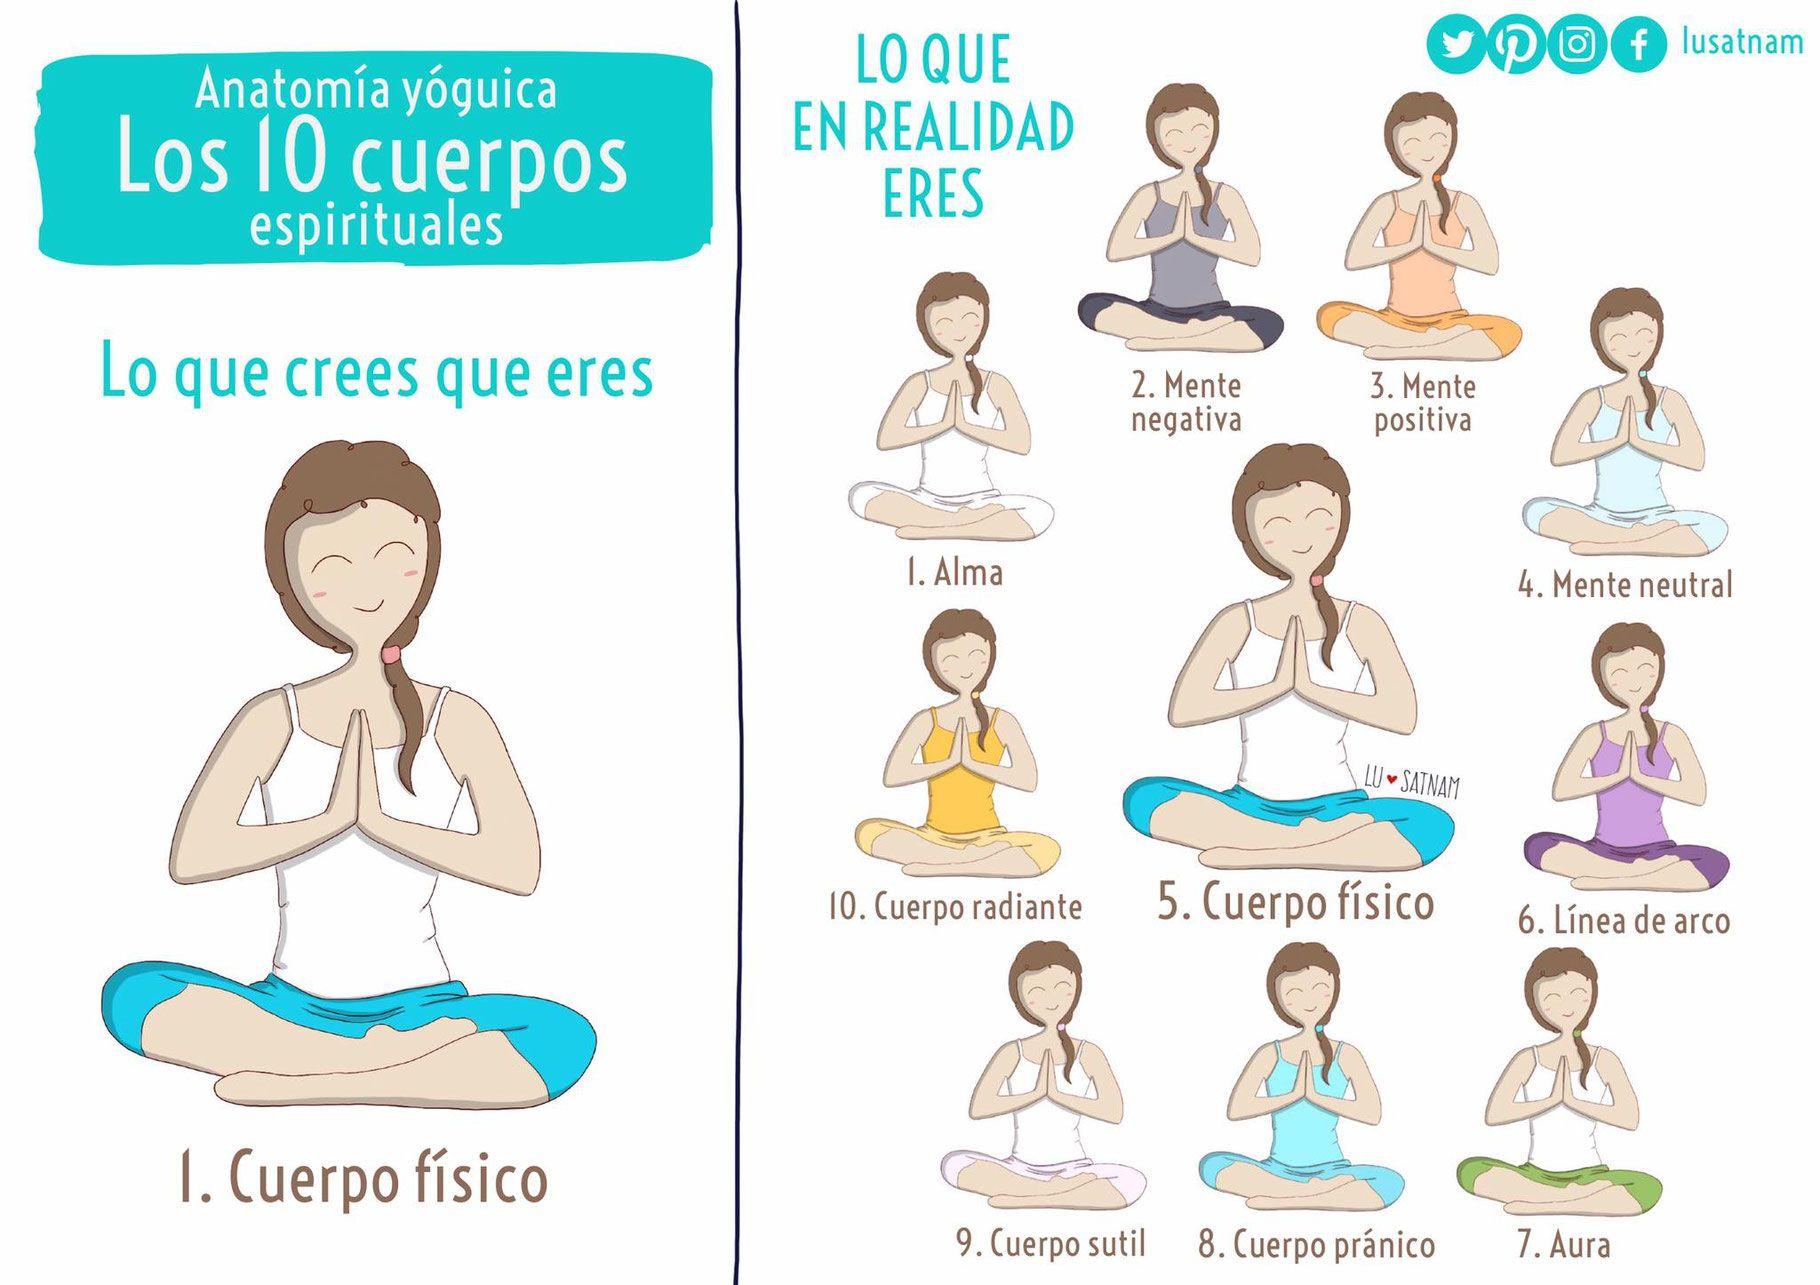 LOS 10 CUERPOS Entrenamiento De Yoga cd70d9f7df2c